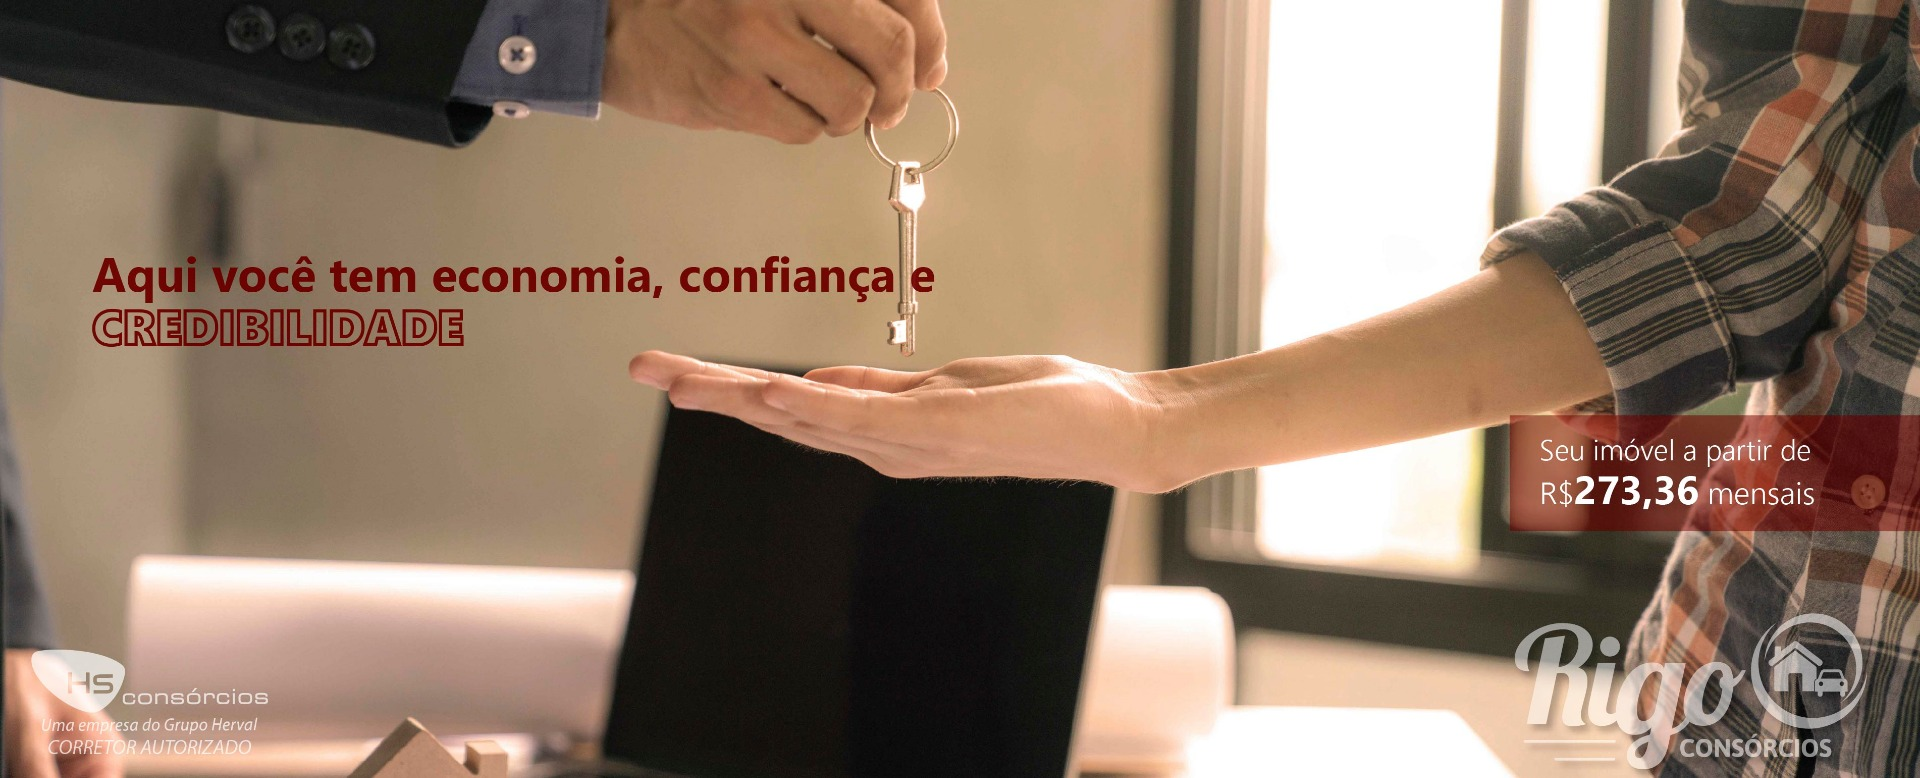 Consórcio de Imóveis sem juros, Rigo Consórcio